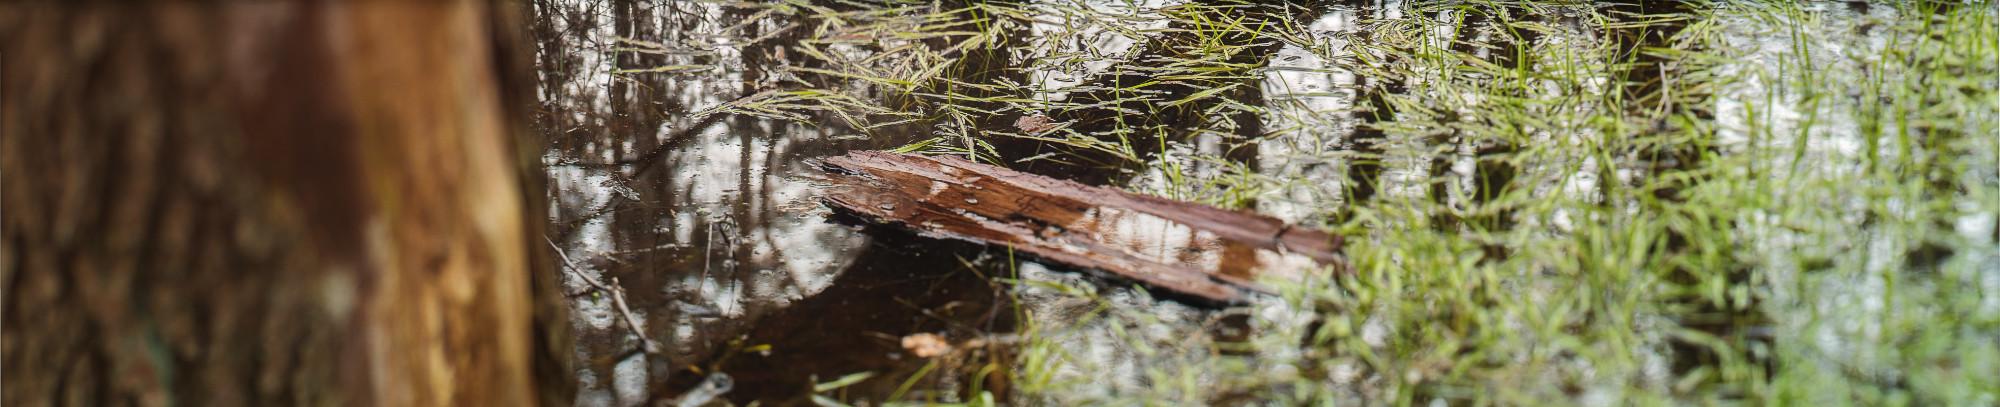 Treibende Rinde auf einem Teich, extremes Querformat